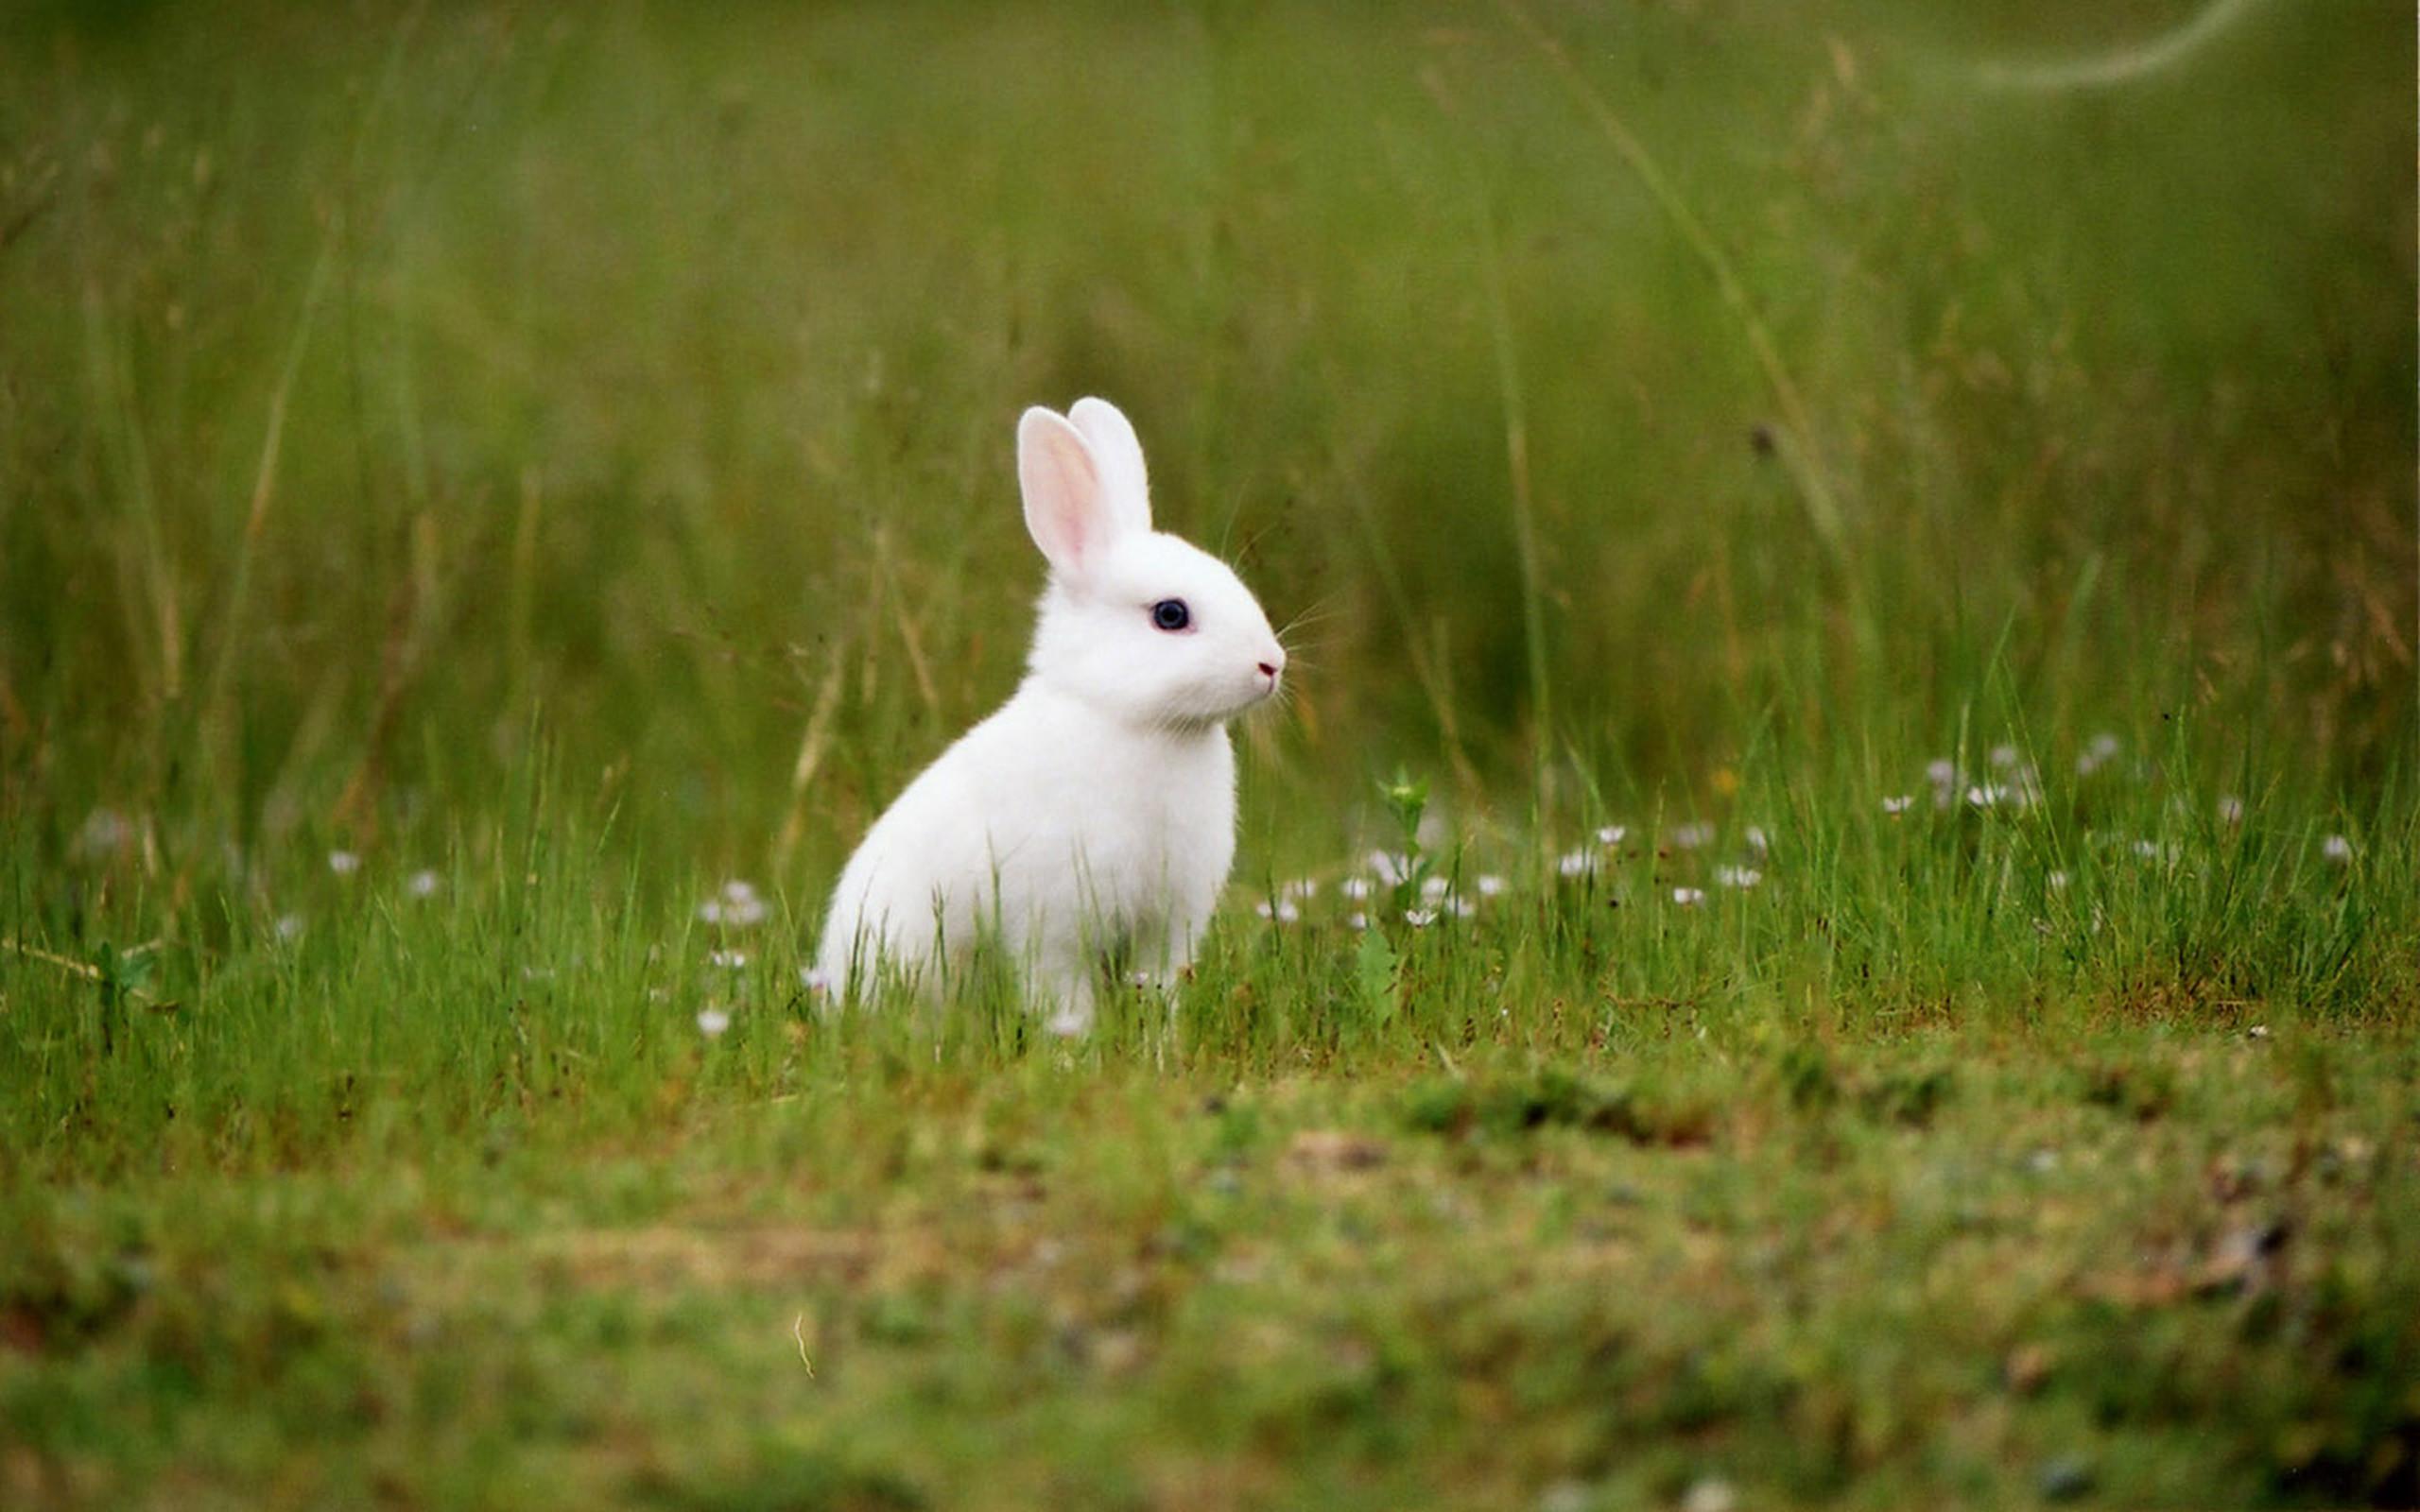 White Rabbit Wallpaper 66 Images